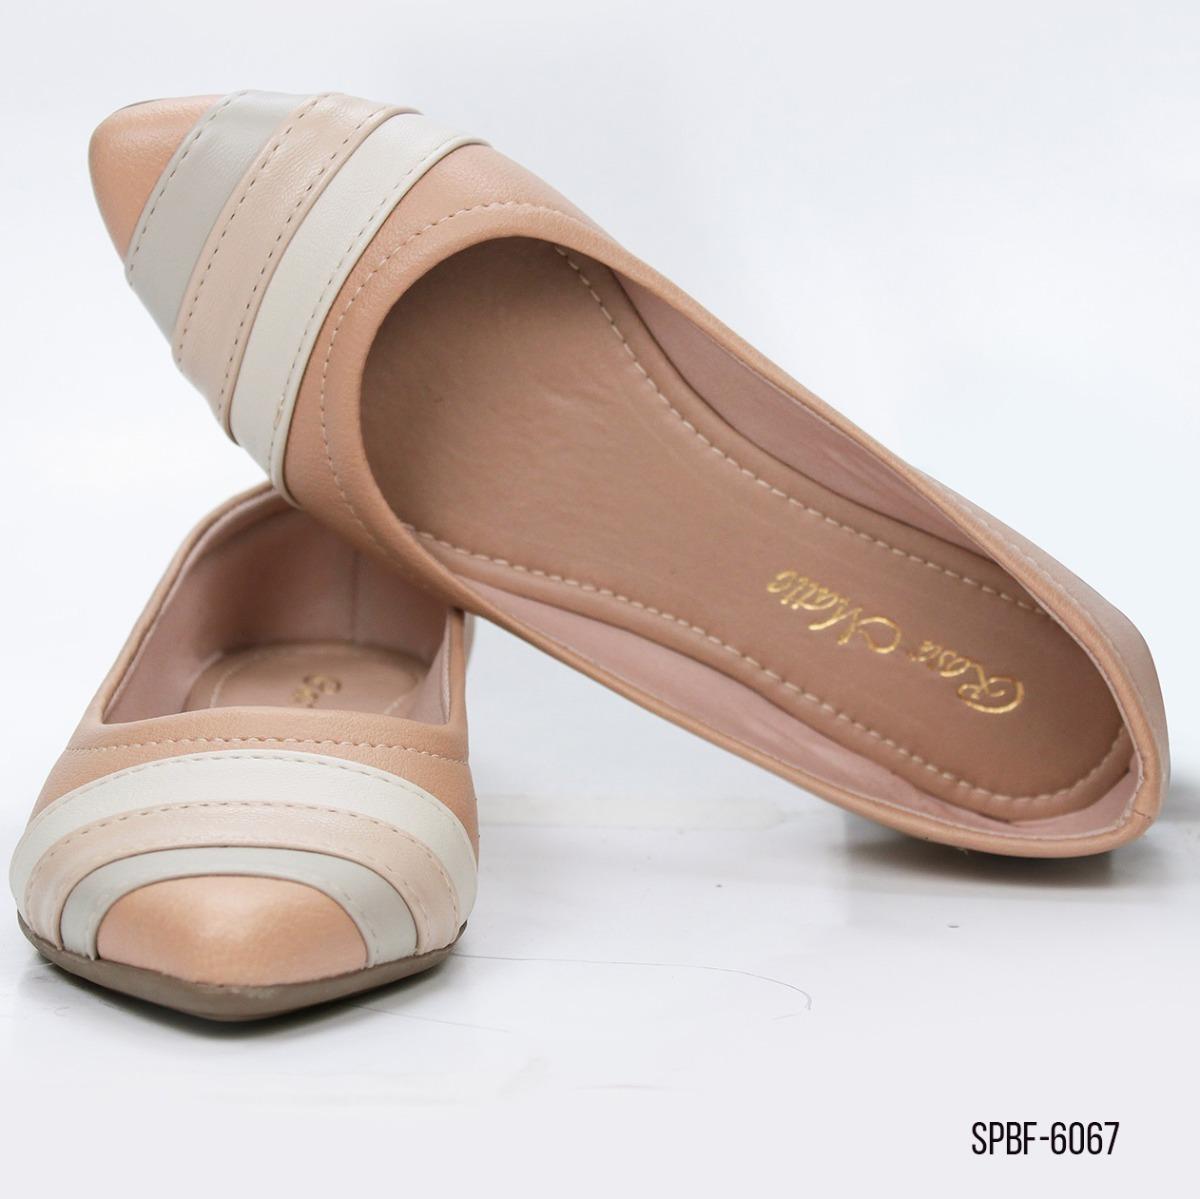 sapatilha bico fino nude detalhes - sapato feminino barato. Carregando zoom. 7f6f68c560474